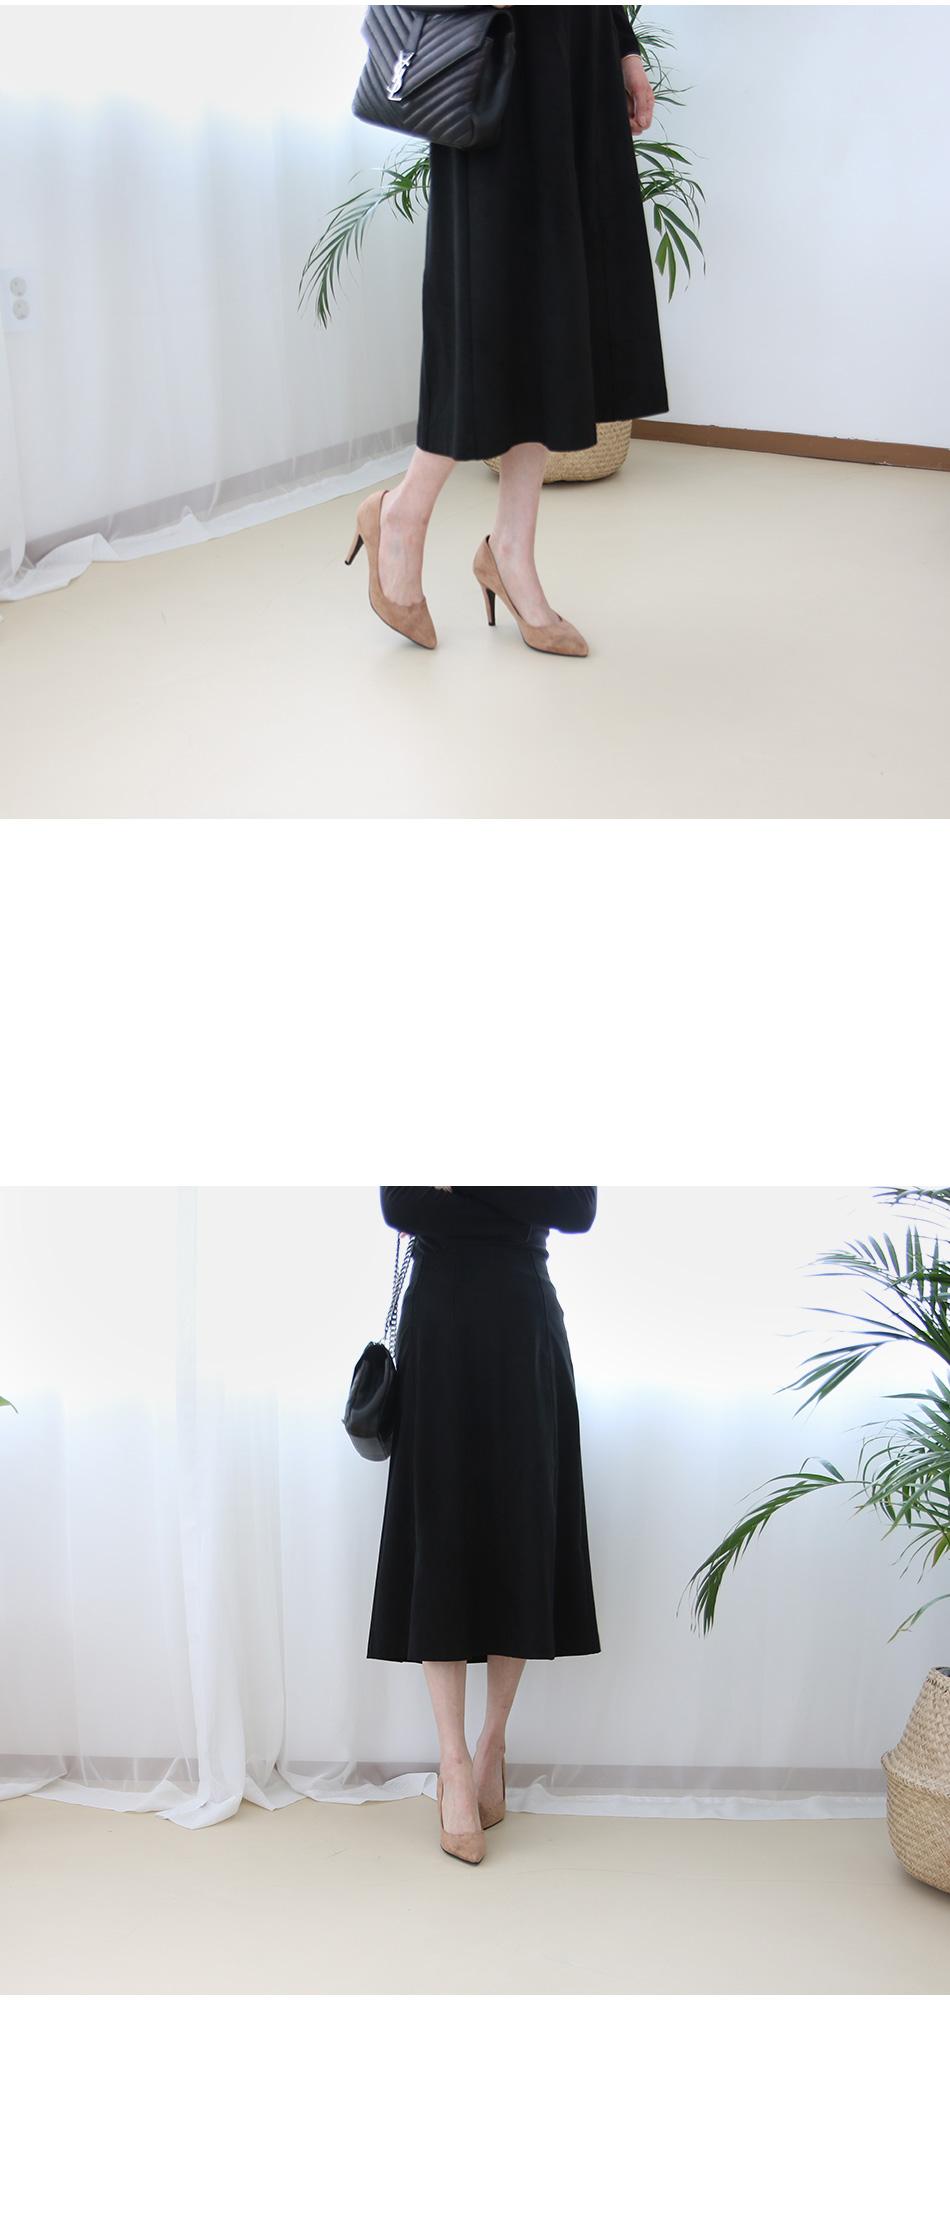 키트라 스웨이드 펌프스힐 착용컷